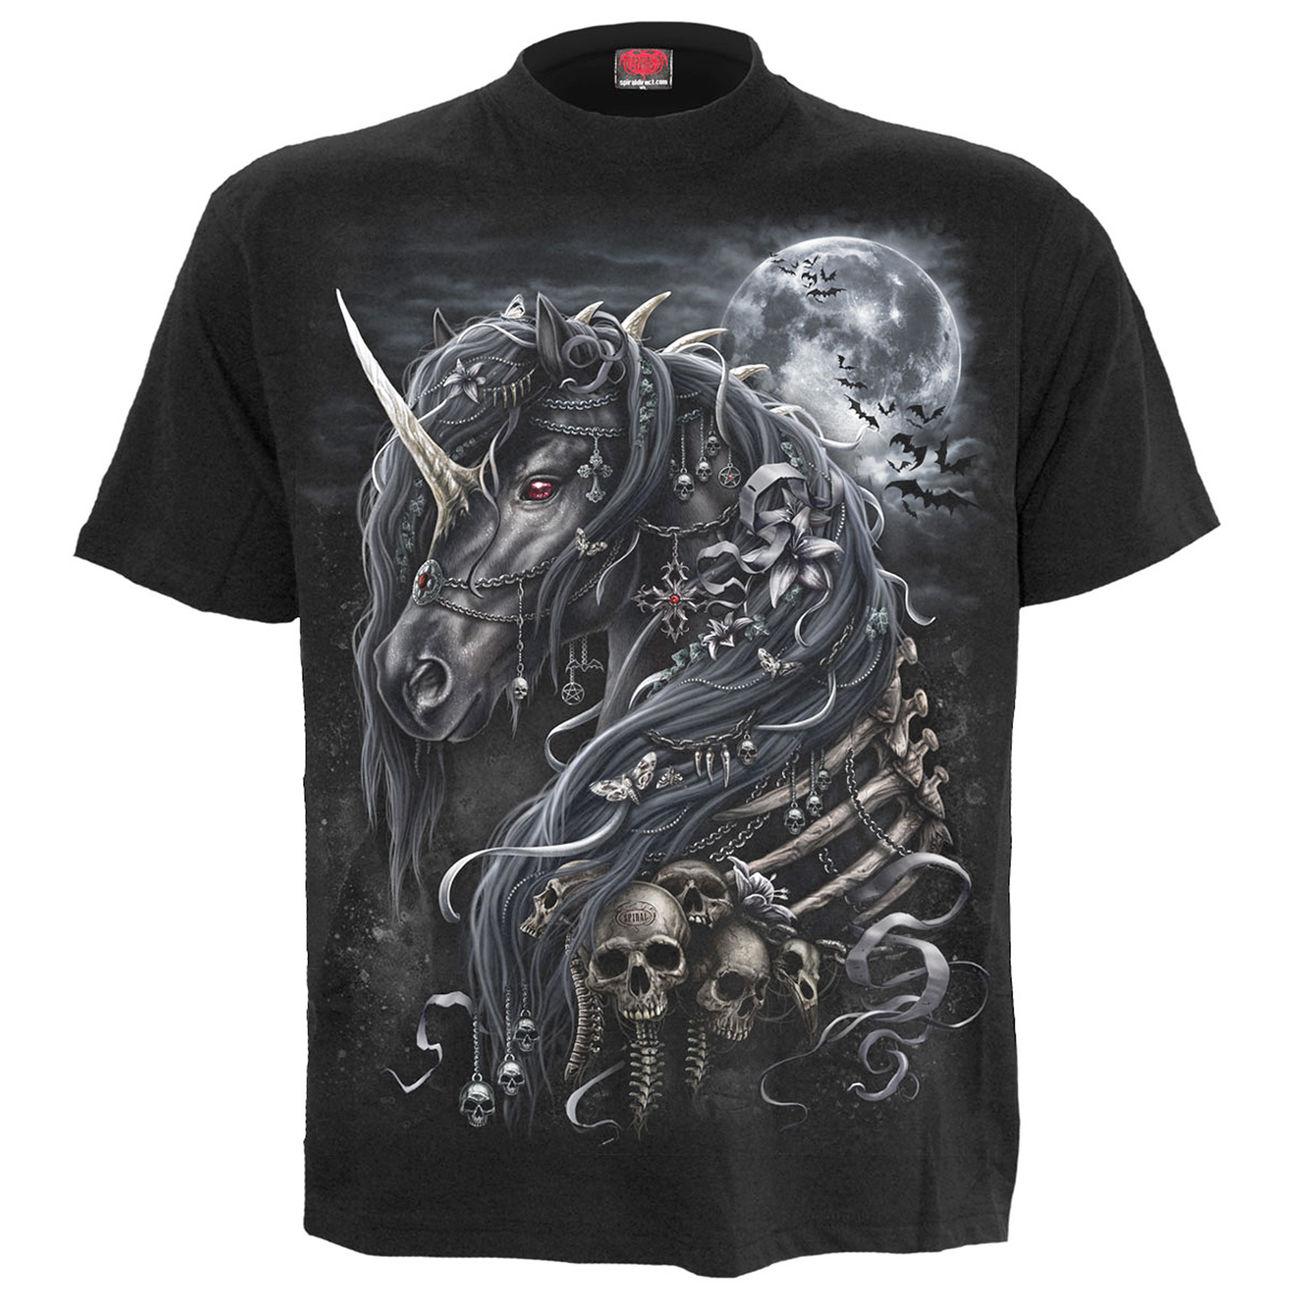 3267a420378139 Spiral T-Shirt Dark Unicorn schwarz günstig kaufen - Kotte   Zeller